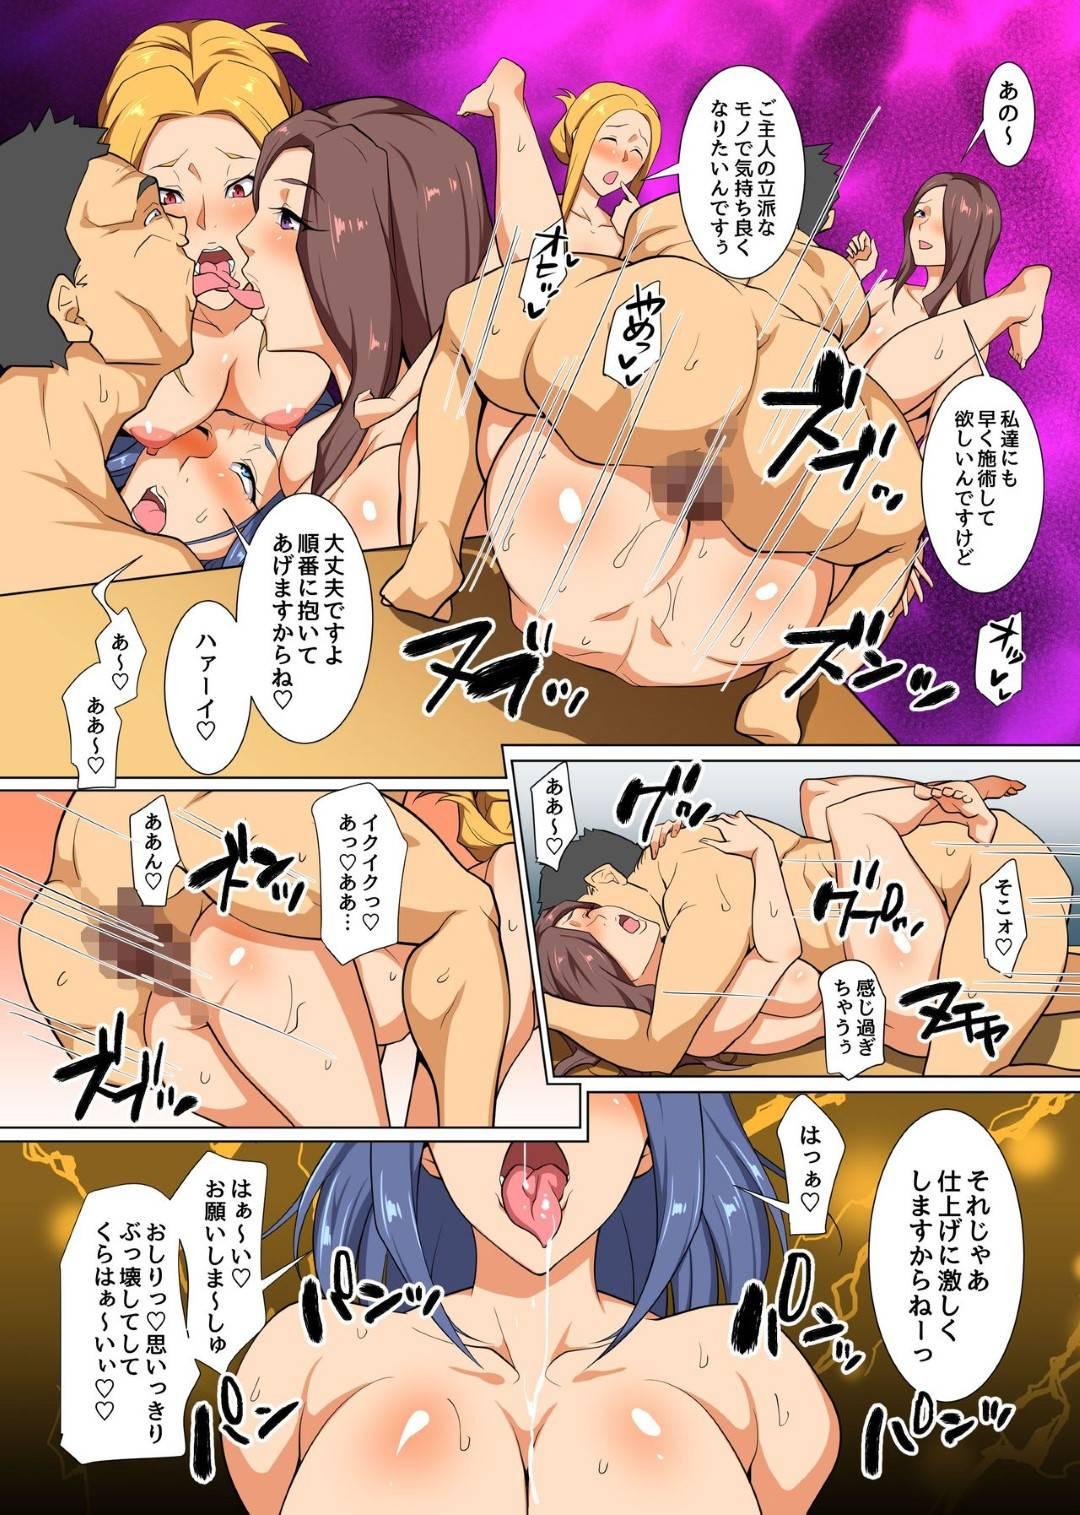 【洗脳エロ漫画】入ると発情してしまうお風呂に入った女子高生達は発情してしまい旅館の主人と中出しセックスで大乱交【エクセシオ】